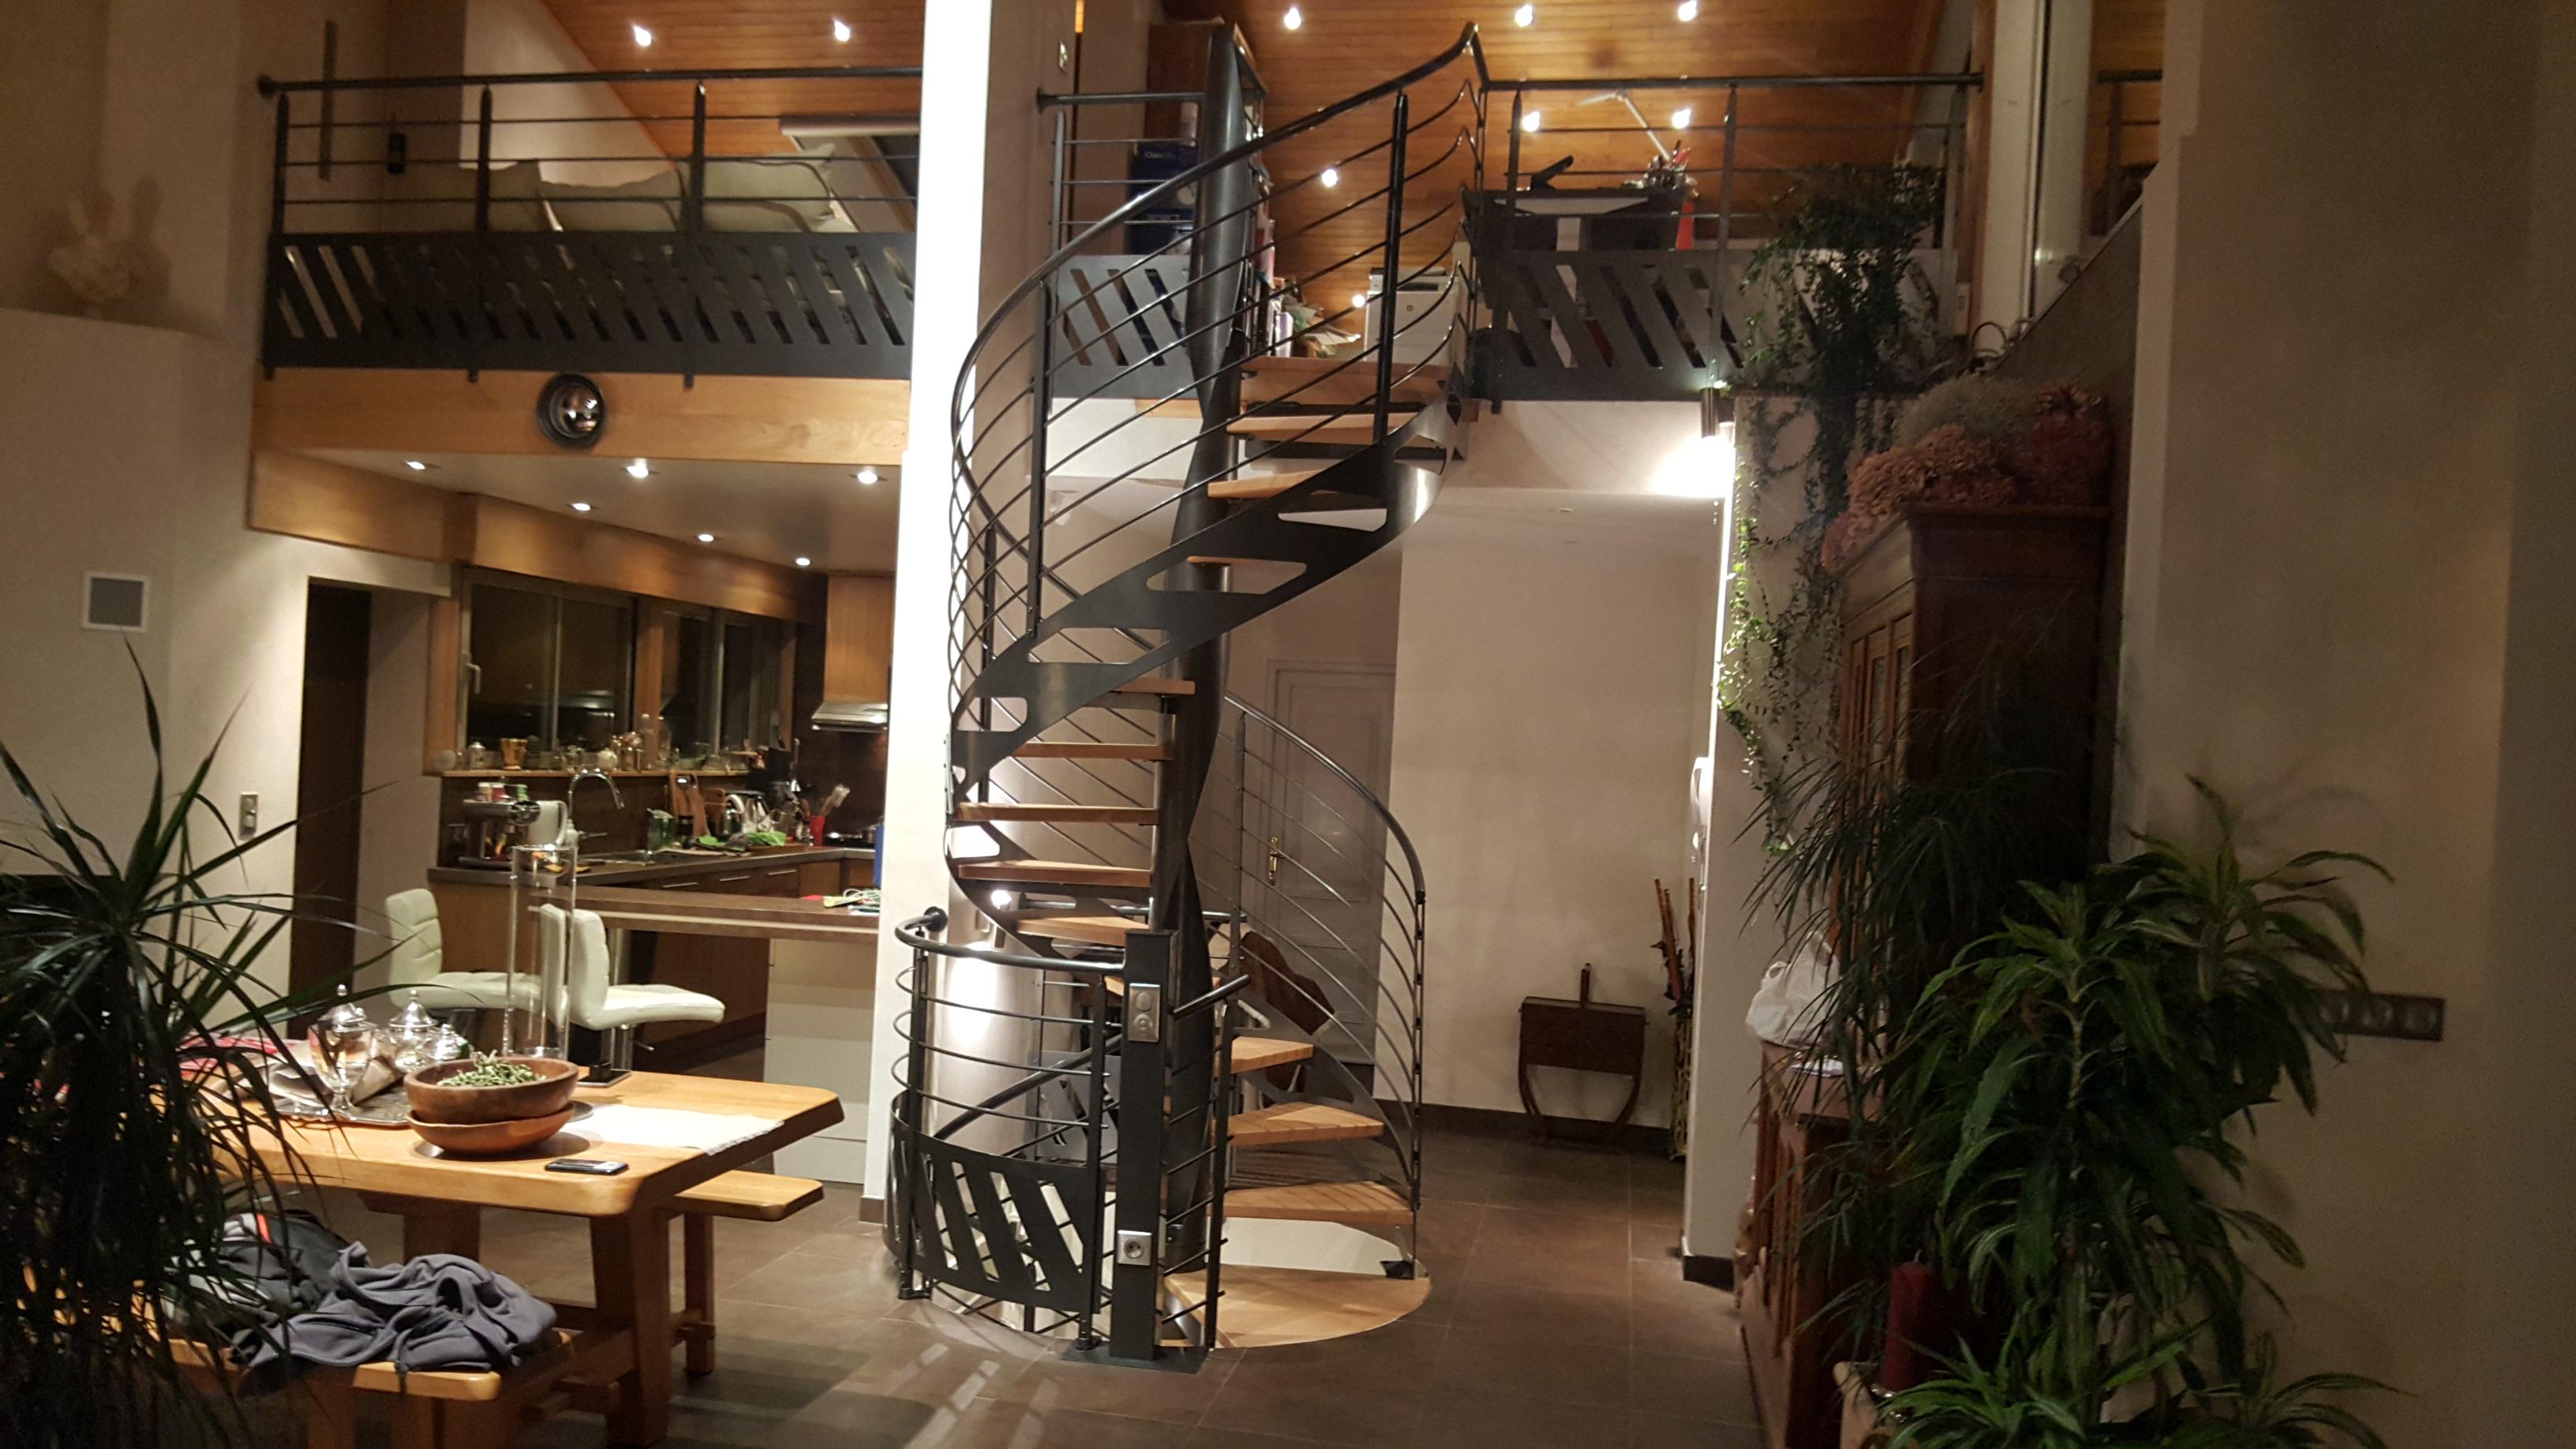 escalier hélicoïdal débillardé